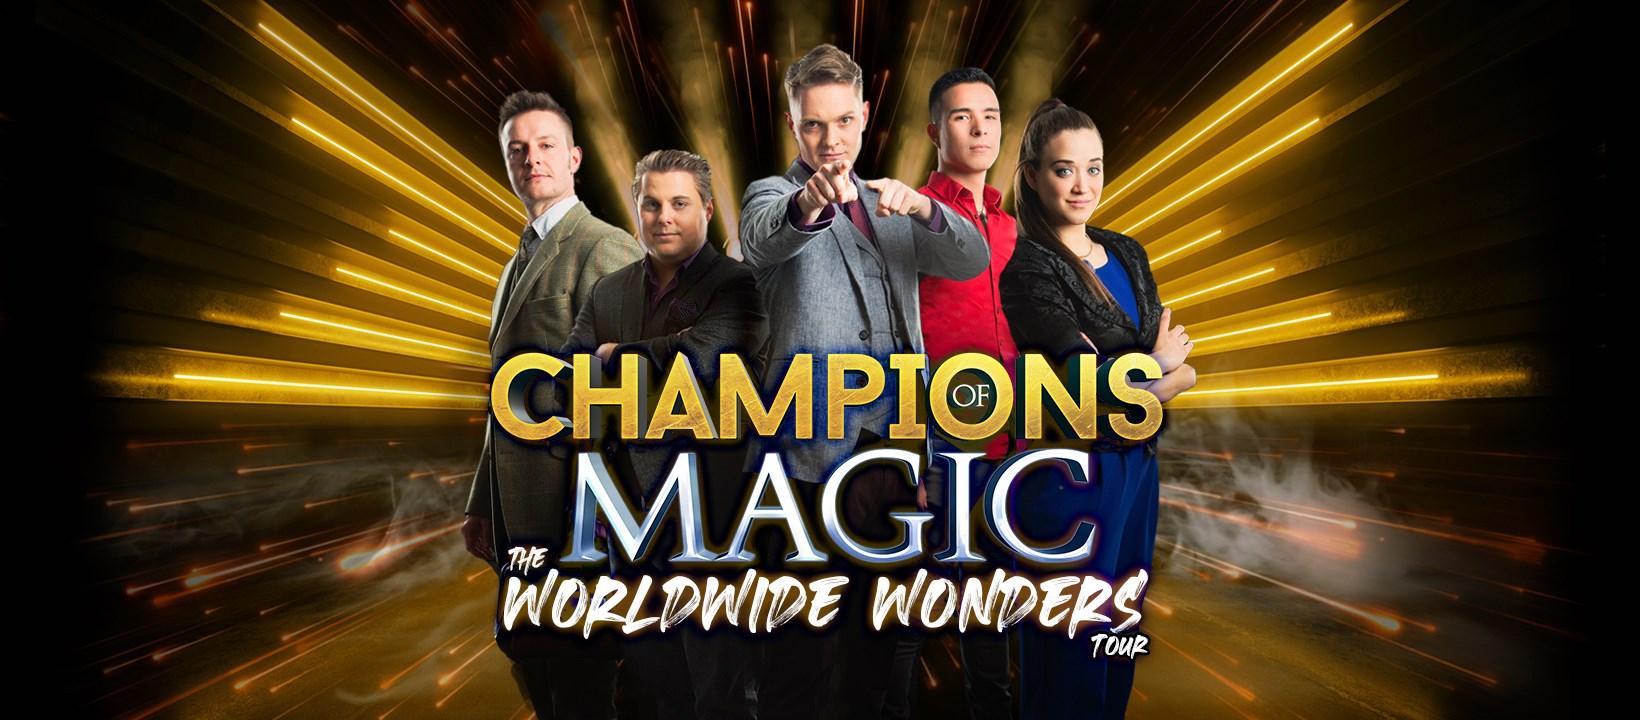 Local Magic Shows Magic Show Magicians Champions Of Magic